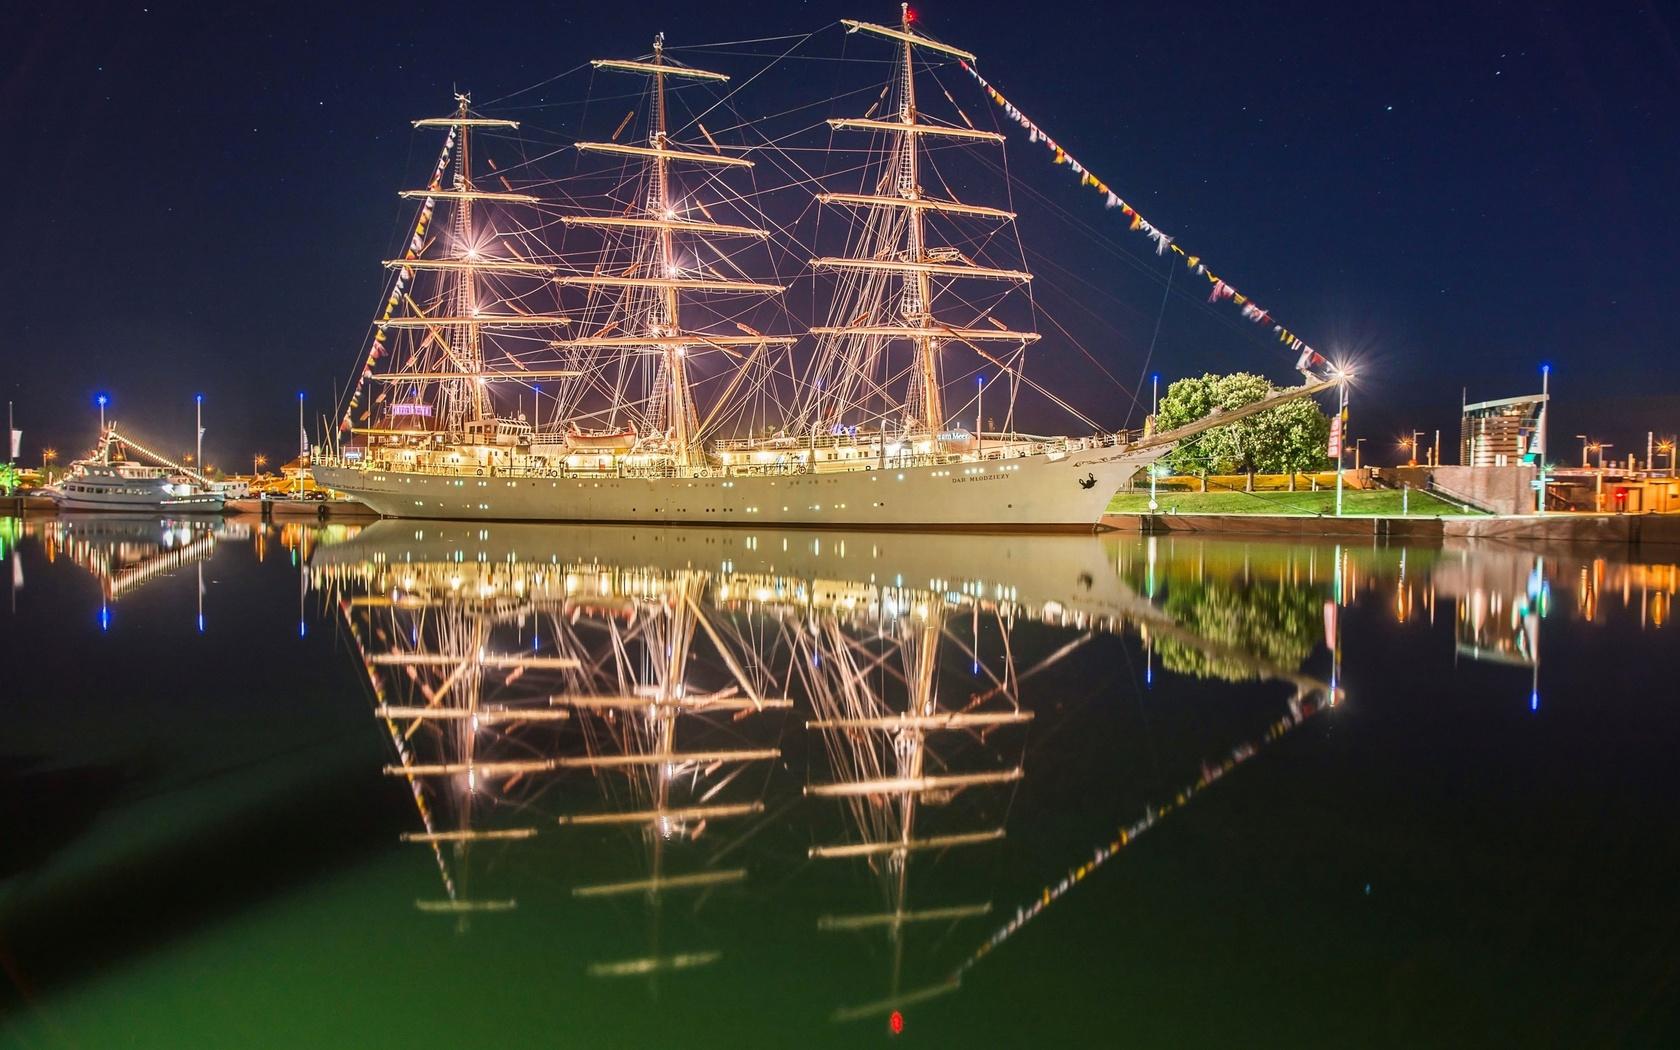 парусный, корабль, дар молодежи, порт, вечер, подсветка, огни, иллюминация